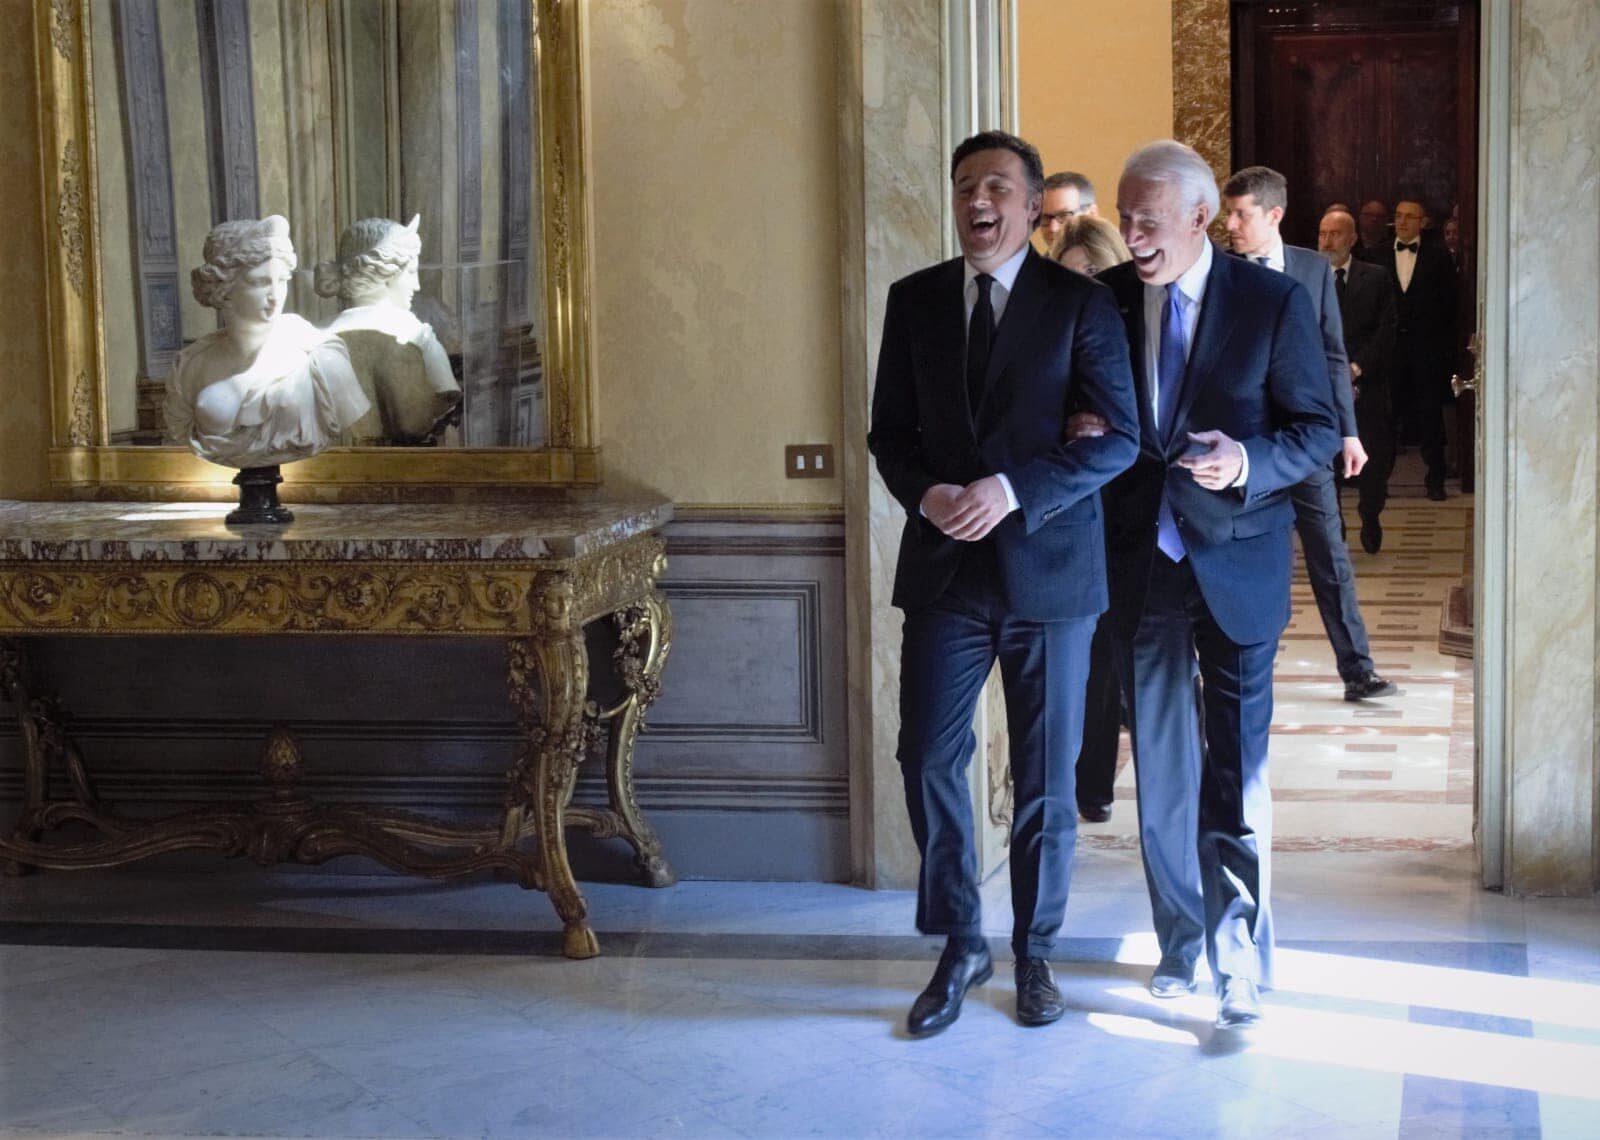 Matteo Renzi non ha nulla da dire sul report che collega bin Salman all'omicidio Khashoggi?